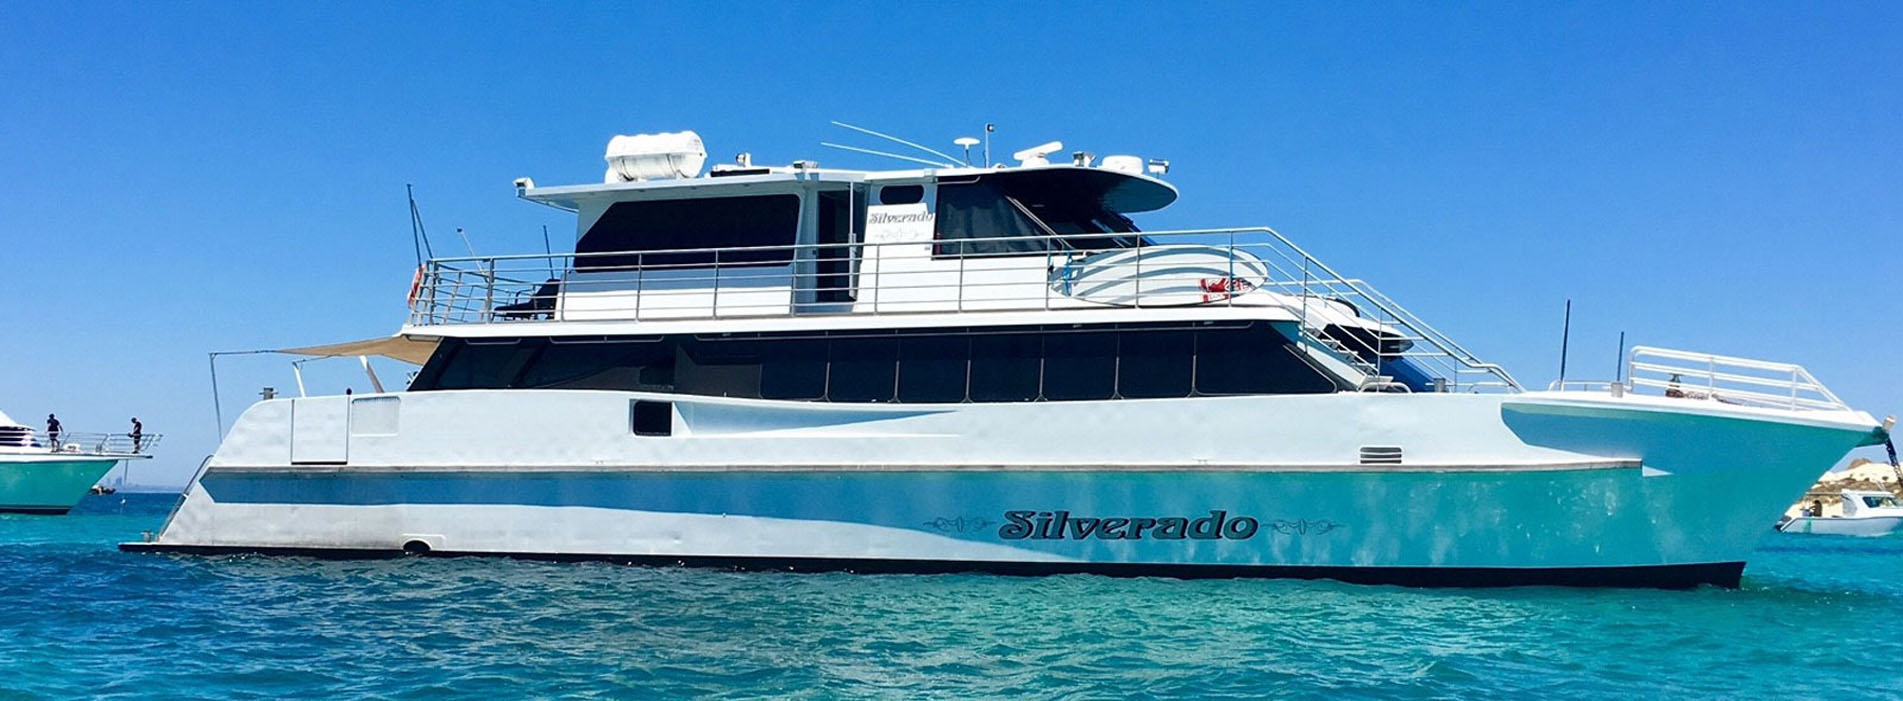 SILVERADO boat charters perth side profile photo Rottnest